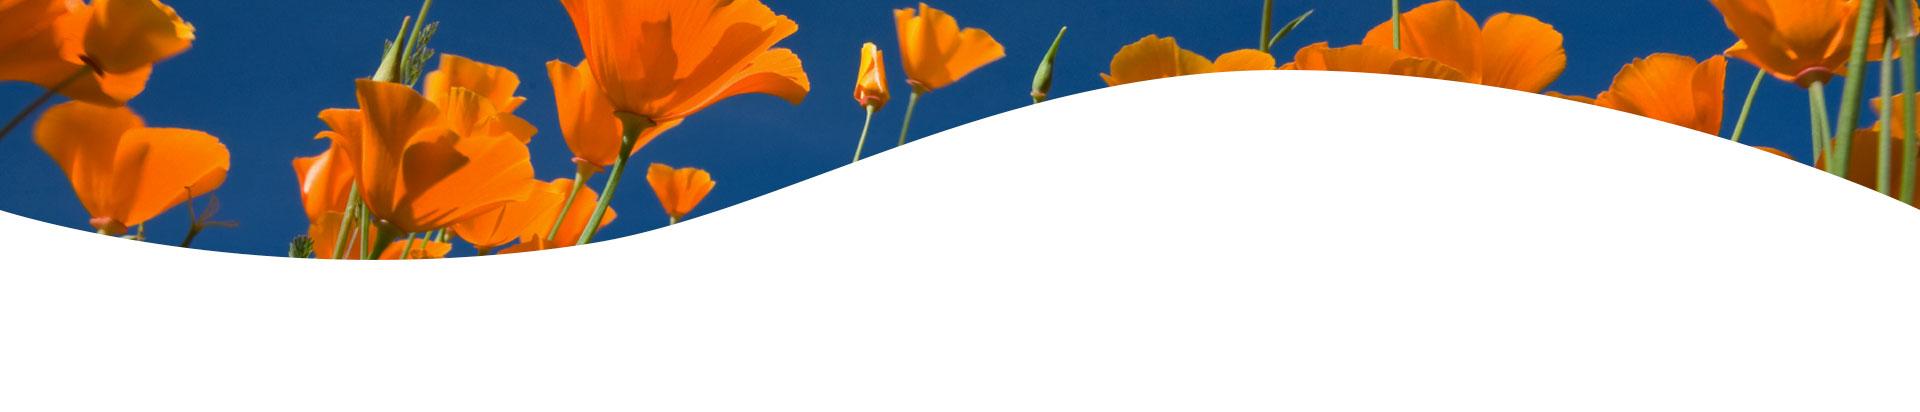 header-banner